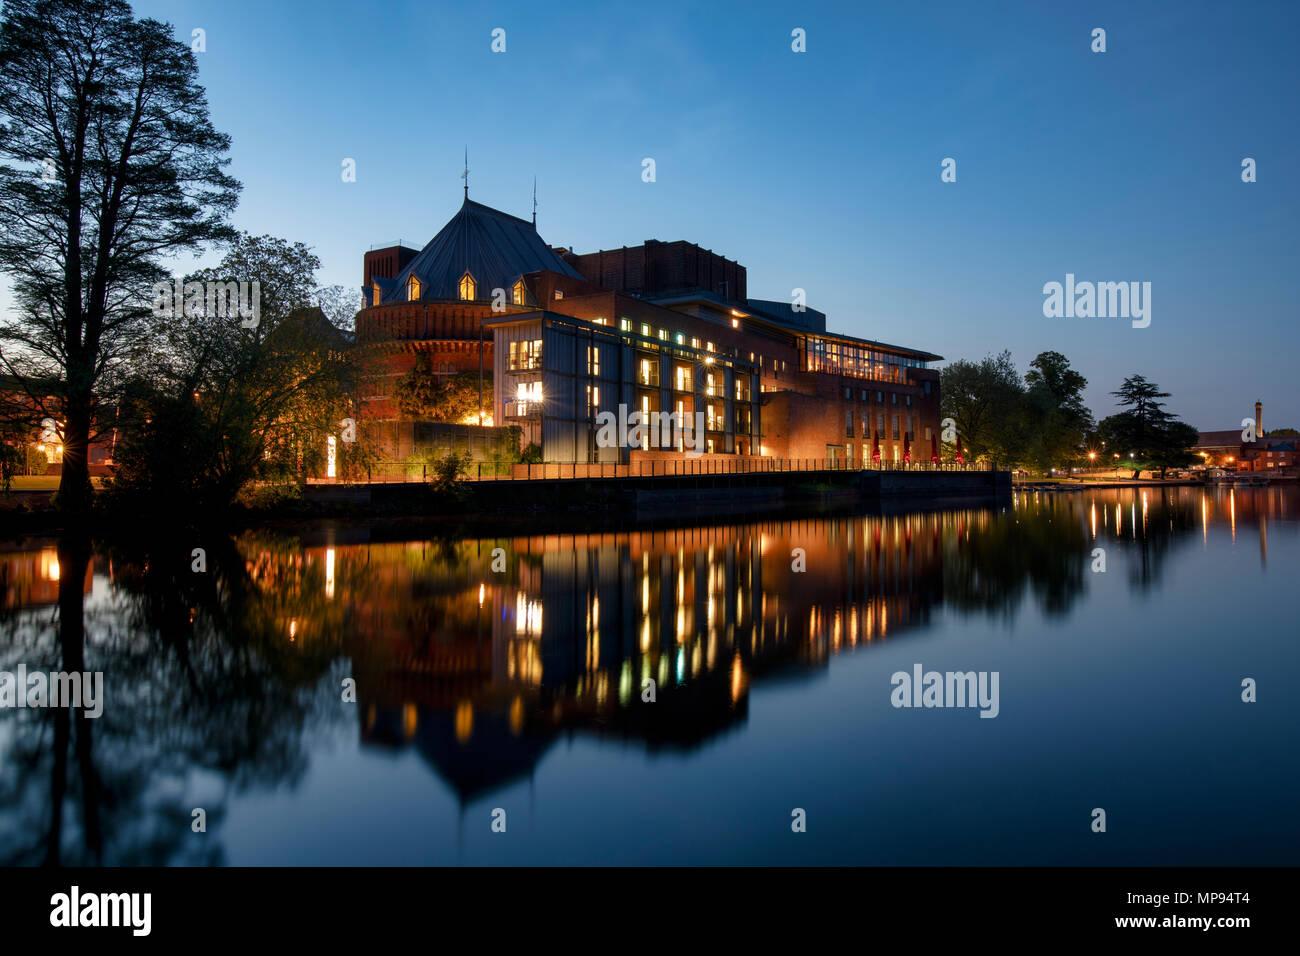 Royal Shakespeare Theatre, die in den Fluss Avon in der Abenddämmerung. Stratford-upon-Avon, Warwickshire, England Stockbild